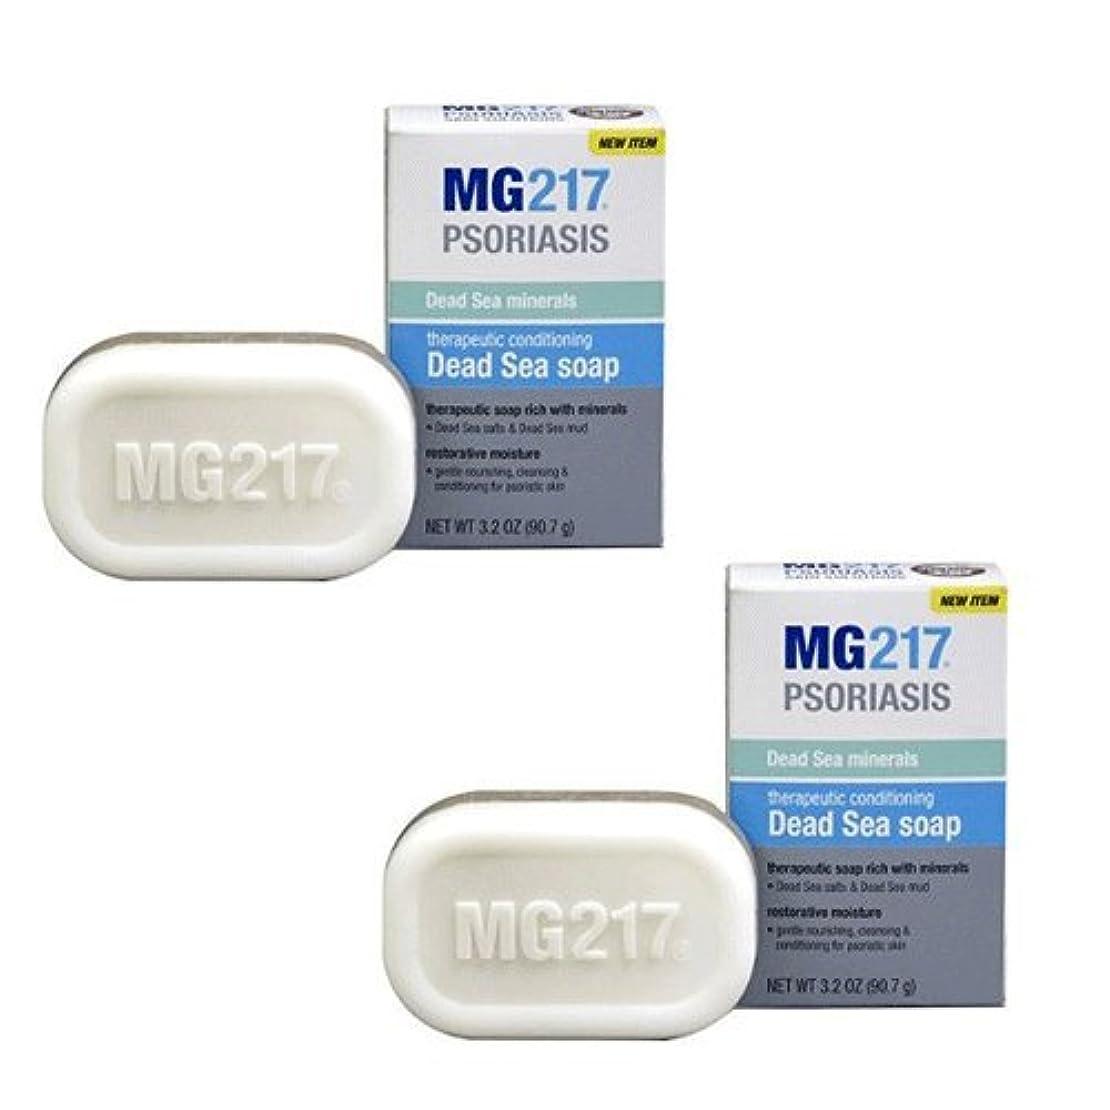 パイントブレイズポスト印象派2個セット 死海の泥とミネラルたっぷり MG217ソープ 90g MG217 Psoriasis Therapeutic Conditioning Dead Sea Bar Soap